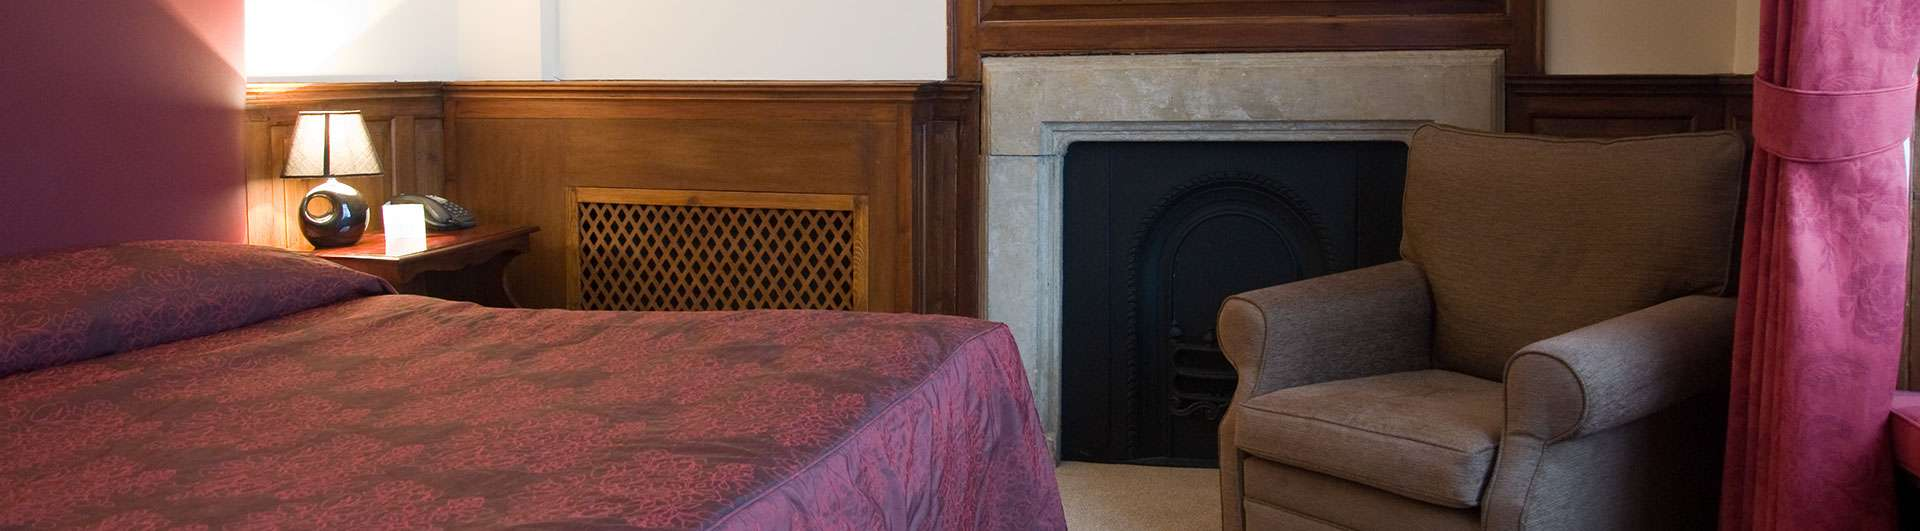 Aynho Hotel, Banbury Hotel, Banbury Accommodation